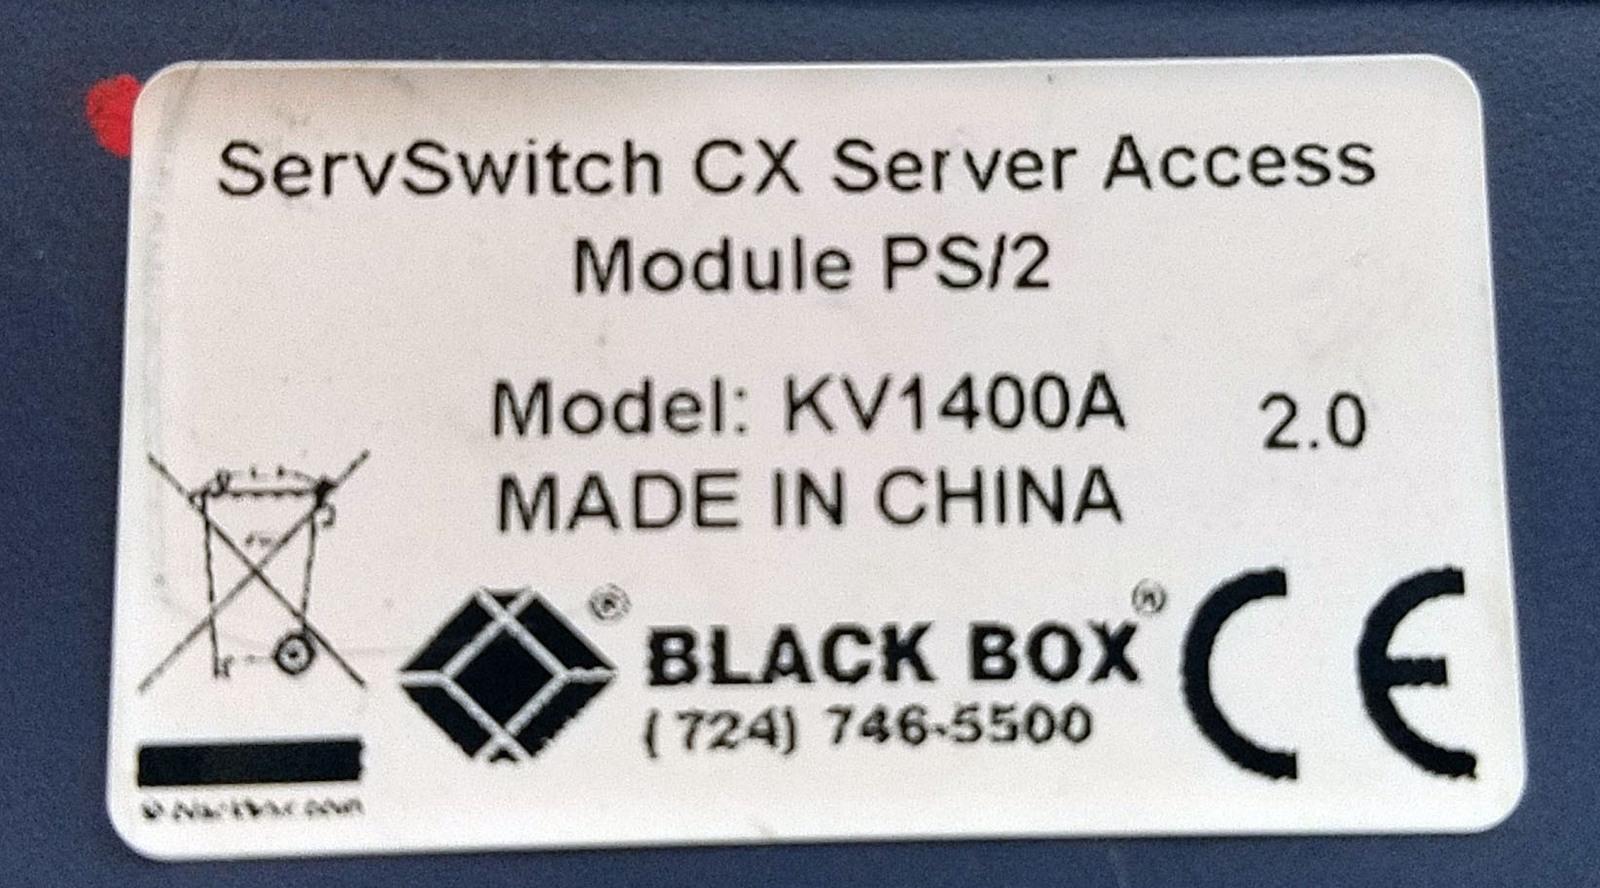 Black Box ServSwitch CX Server Access Module PS/2 KV1400A Bin:13